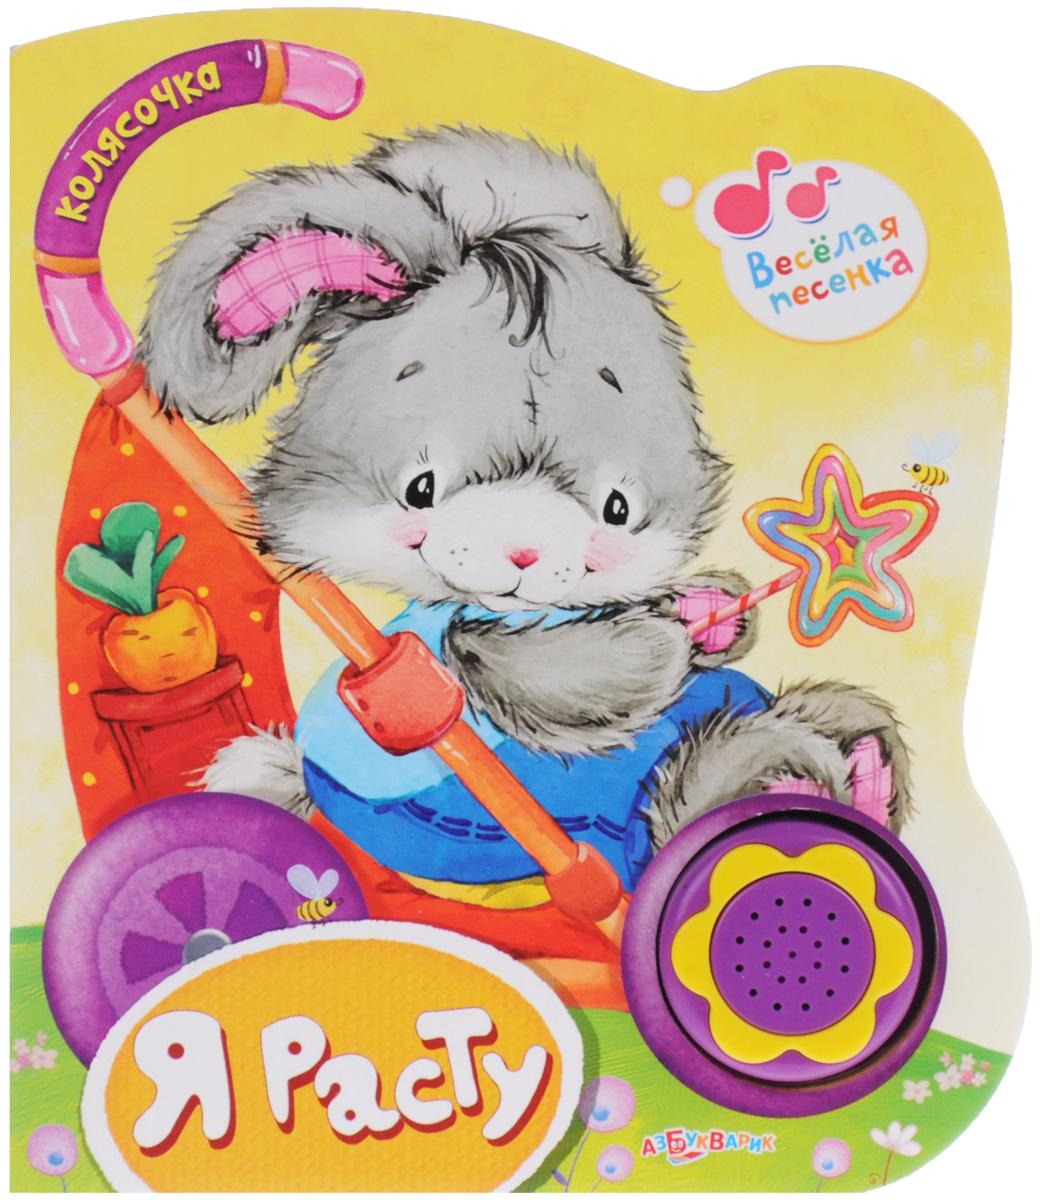 Я расту. Книжка-игрушка12296407Для детей дошкольного возраста предлагается красочно иллюстрированная книжка-игрушка со звуковым модулем. В ней можно не только прочитать увлекательные стихи и посмотреть яркие рисунки, но и послушать народную песенку Водичка. Книга с вырубкой. Книжка-игрушка работает от 1 батарейки напряжением 3V типа CR2032 (входит в комплект).